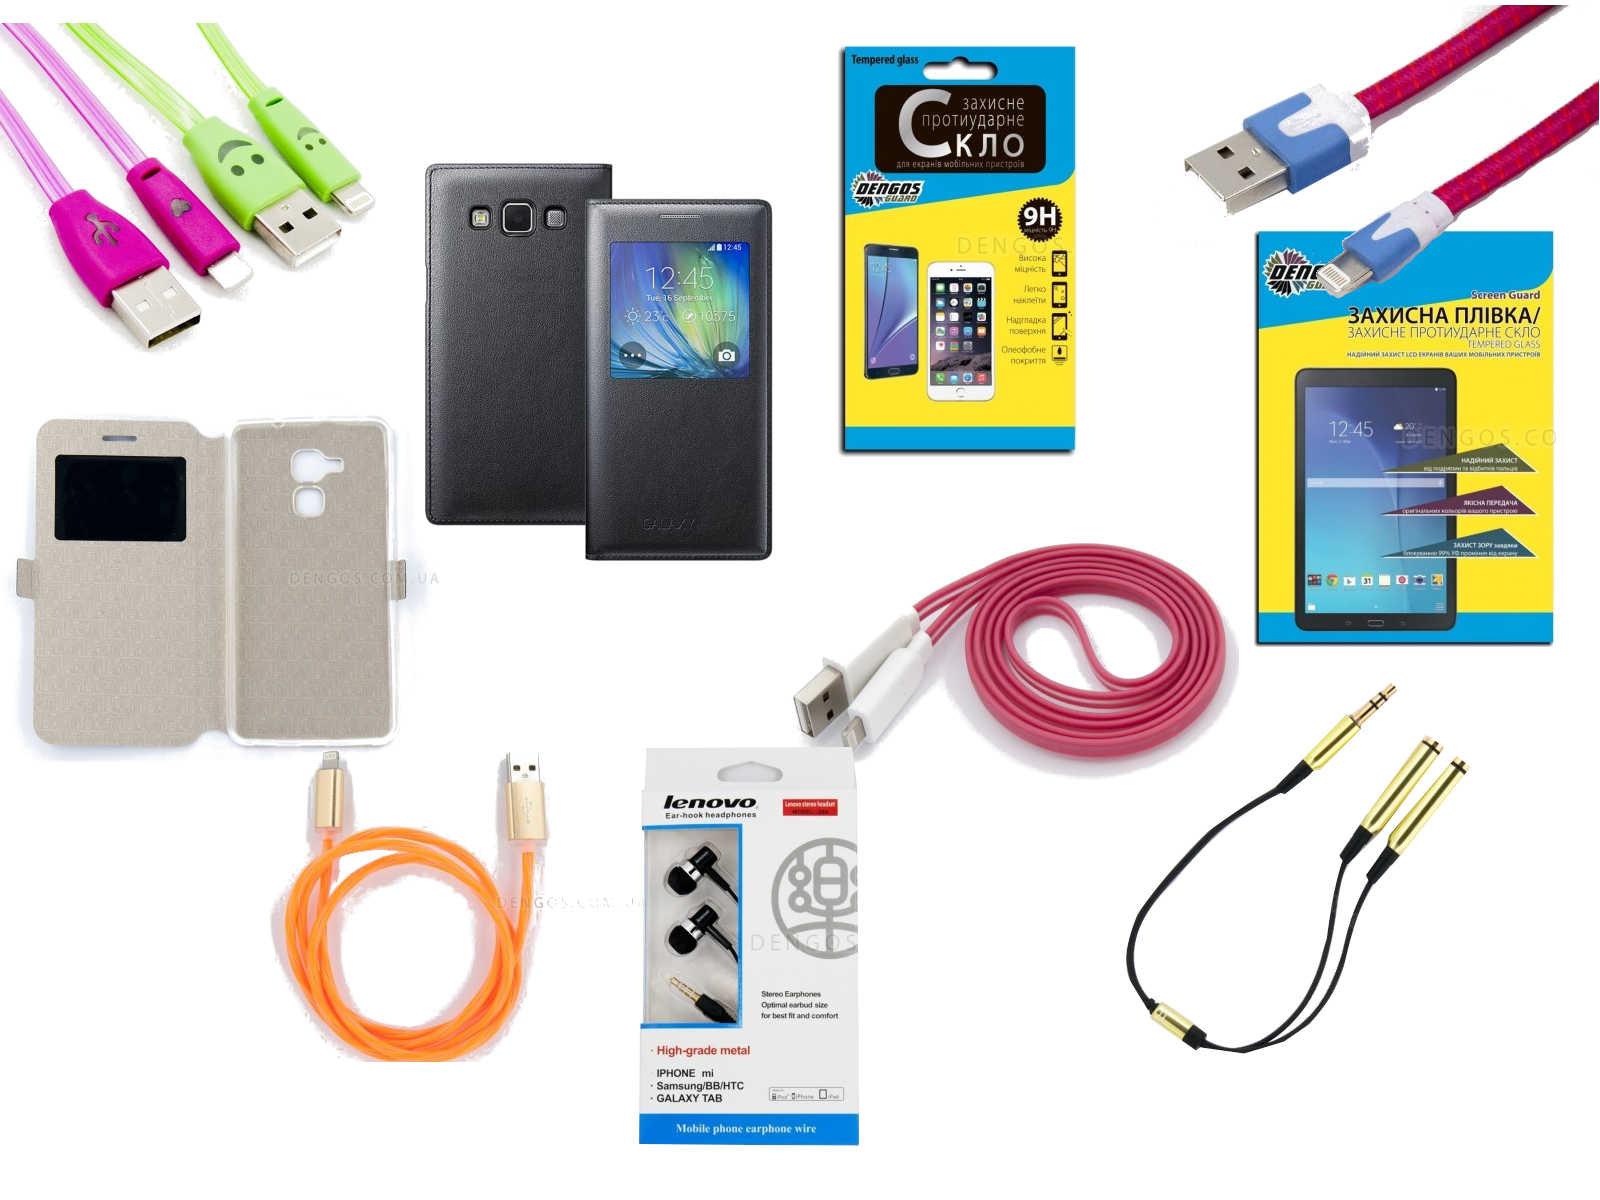 Аксессуары для мобильных устройств. Недорого. Склад 14